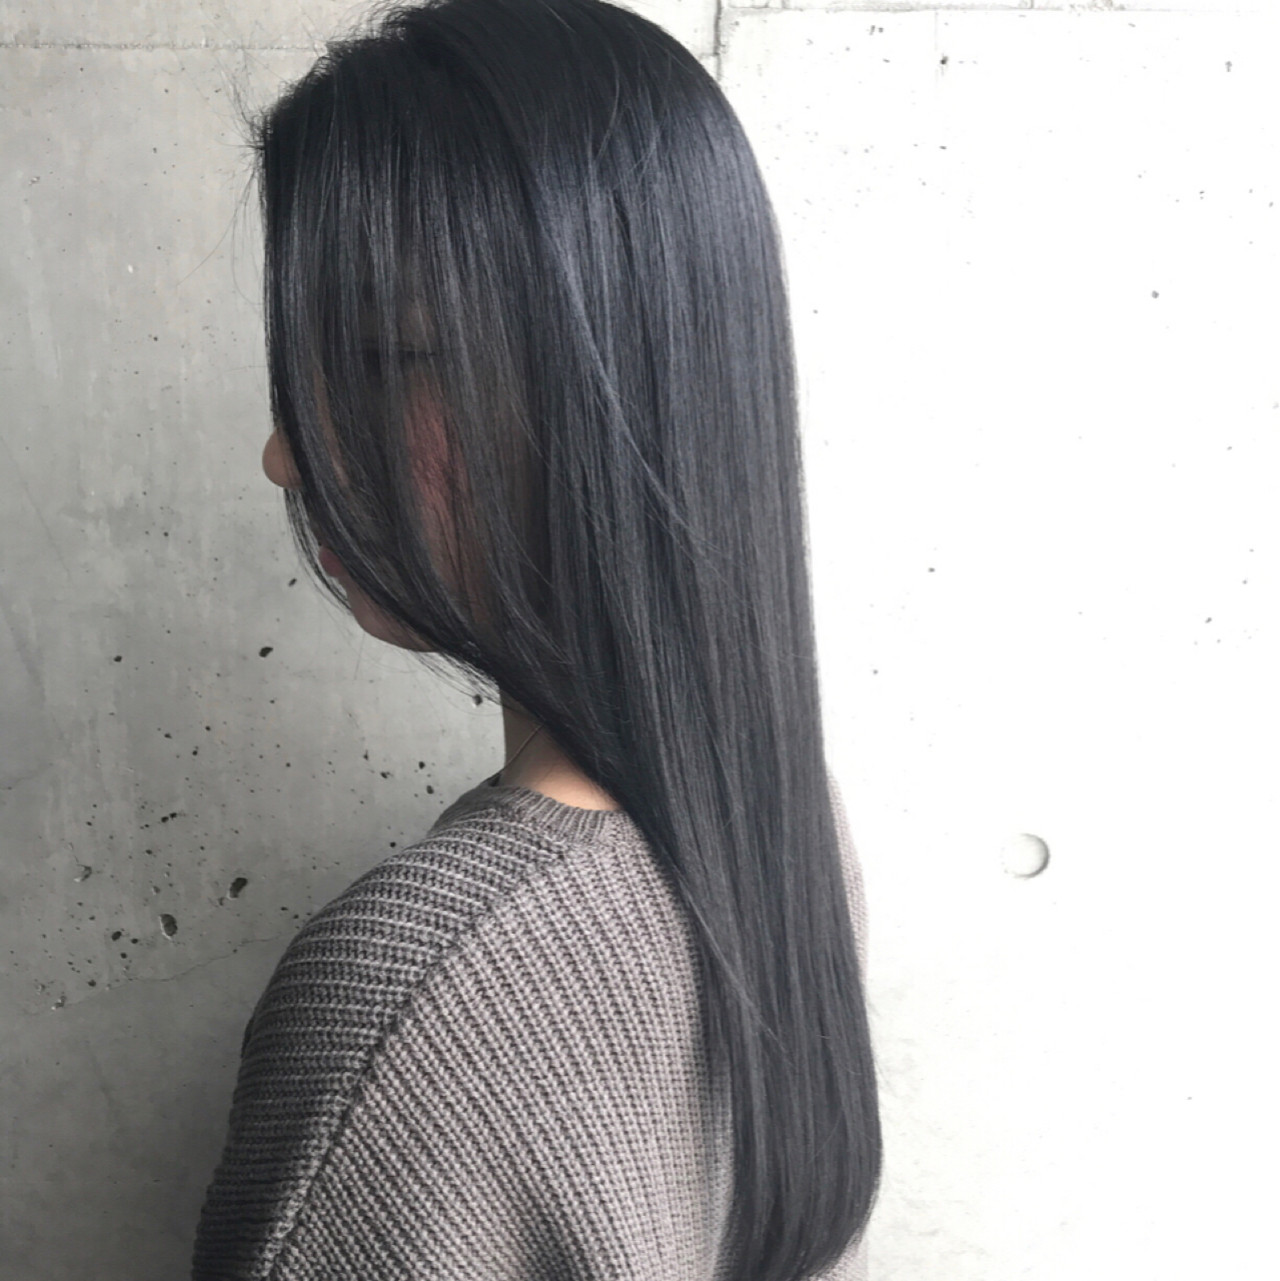 黒髪 ストレート ロング ワンカール ヘアスタイルや髪型の写真・画像